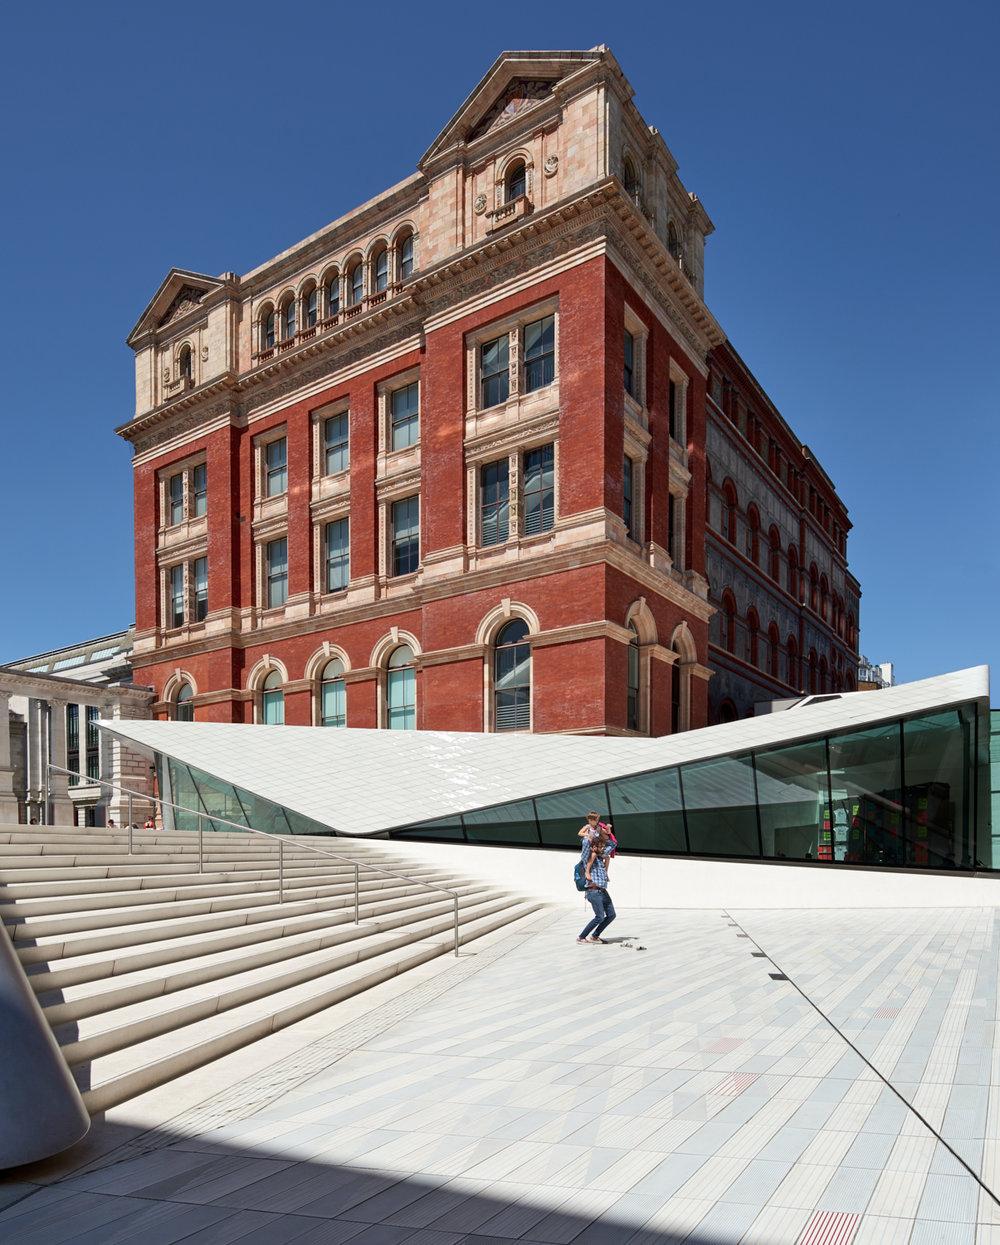 V&A Exhibition Road Quarter, London, UK, 2017